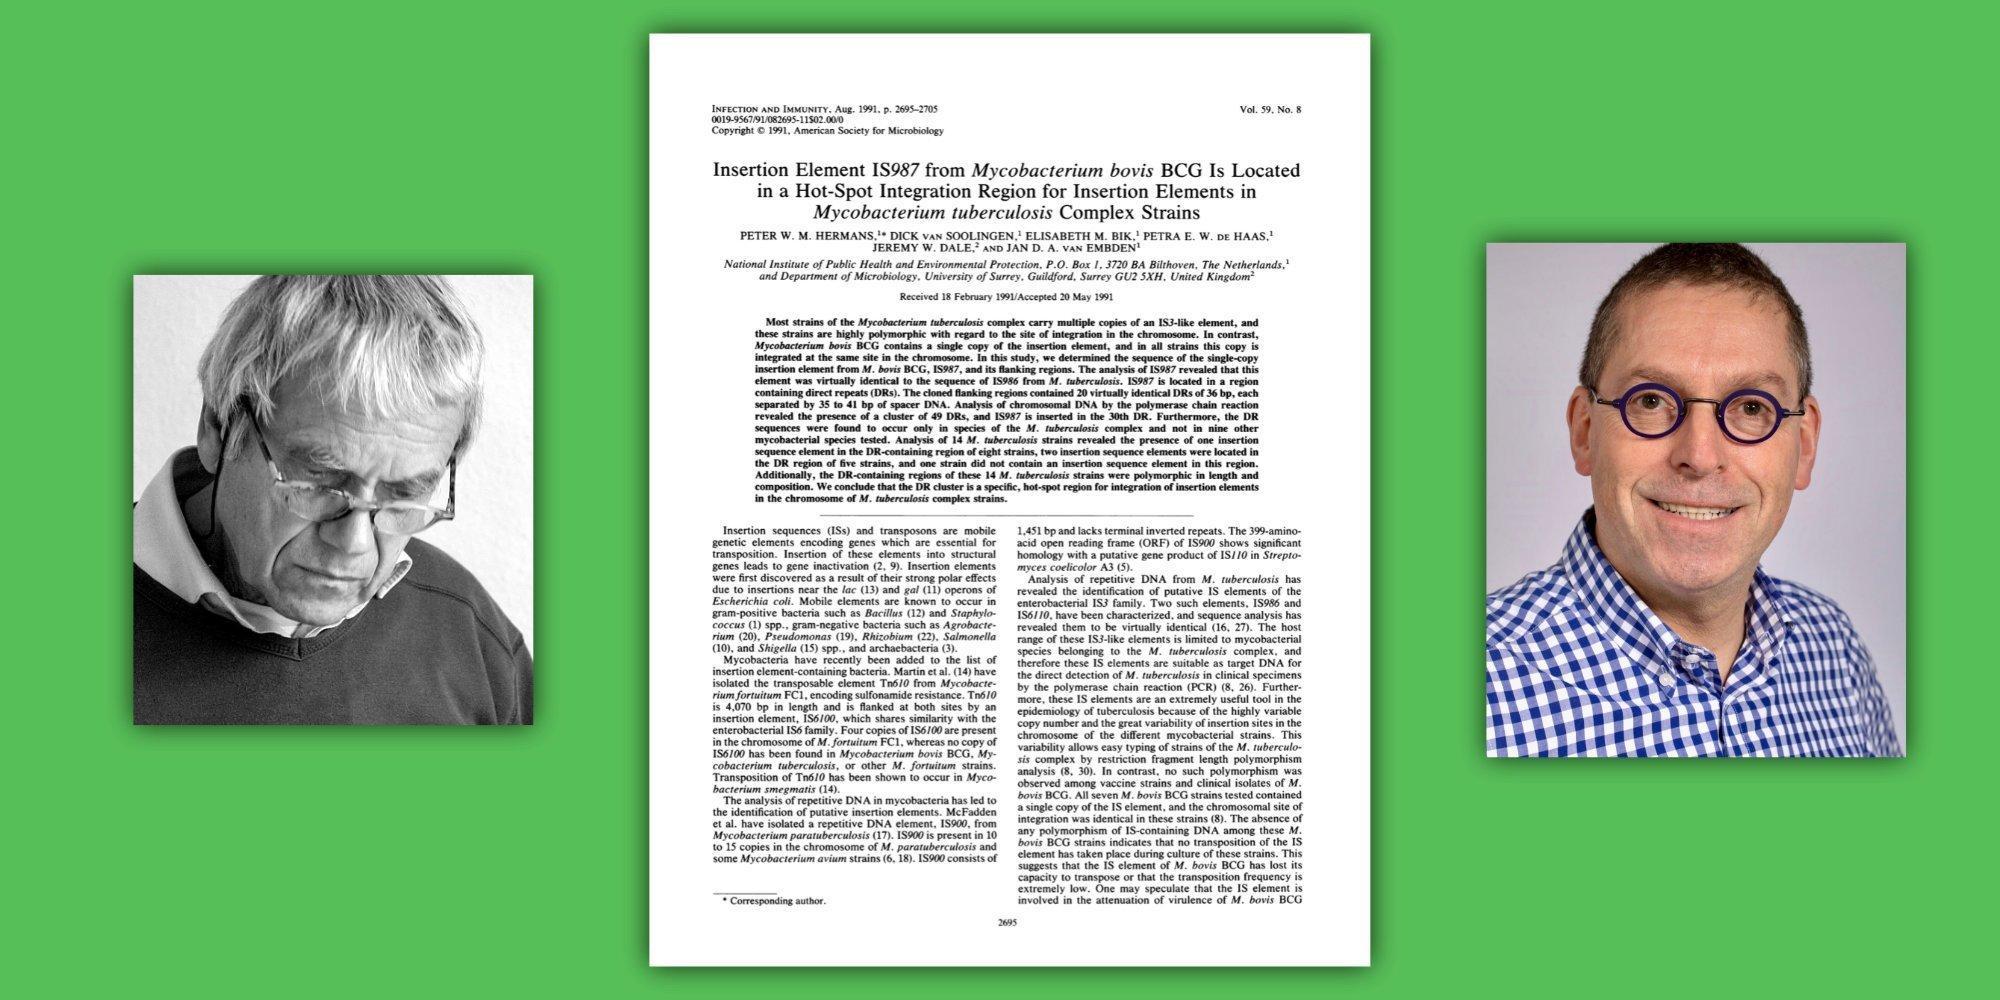 Die Portraits von Jan van Embden und Peter Hermans links und rechts ihres Fachartikels aus dem Jahr 1991vor grünem Hintergrund.